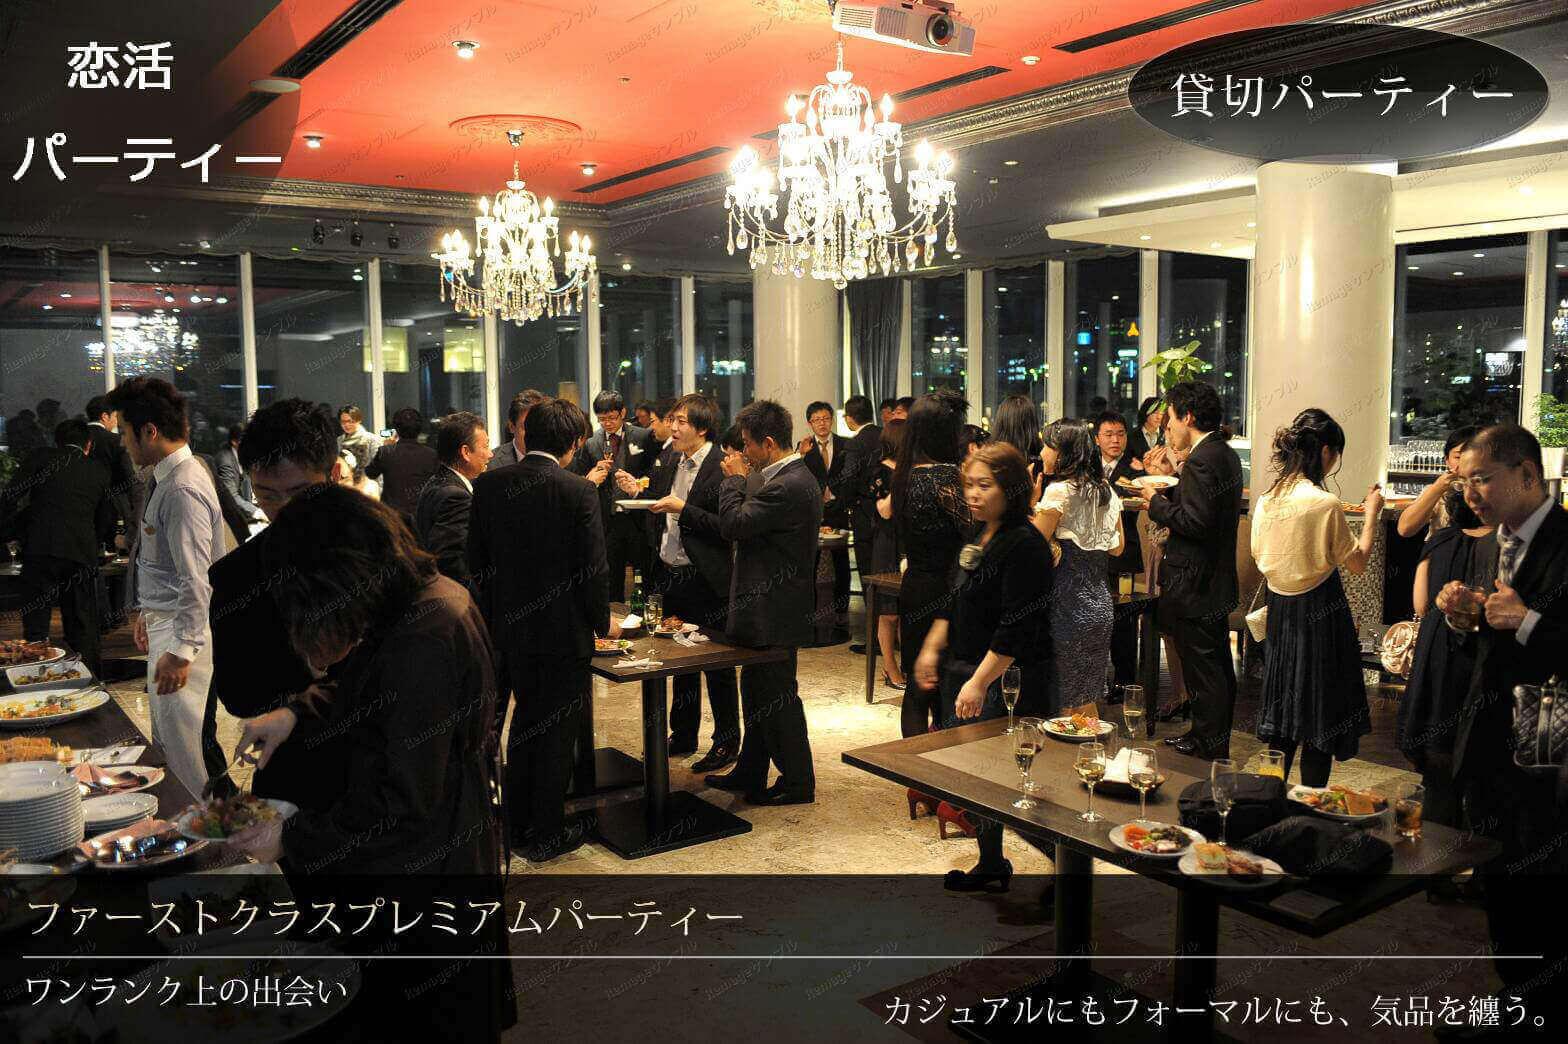 【仙台の恋活パーティー】仙台ファーストクラスパーティー主催 2017年4月29日